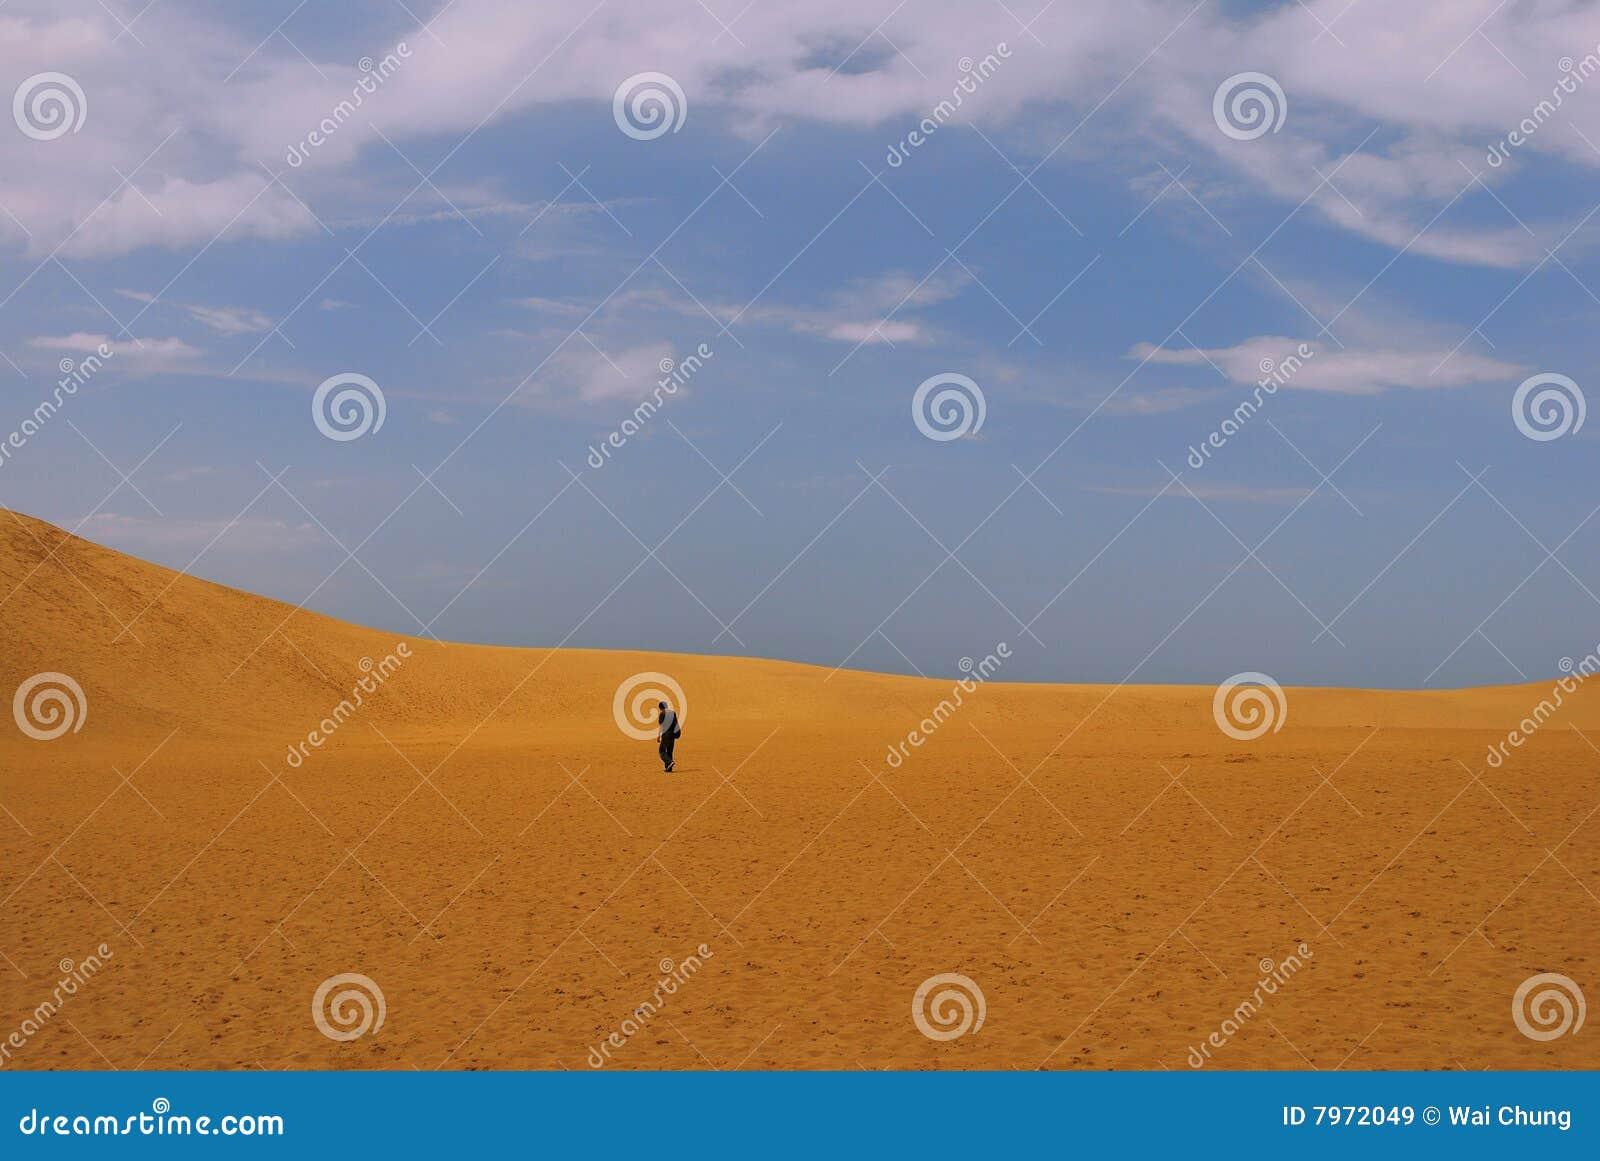 Mann in der Wüste